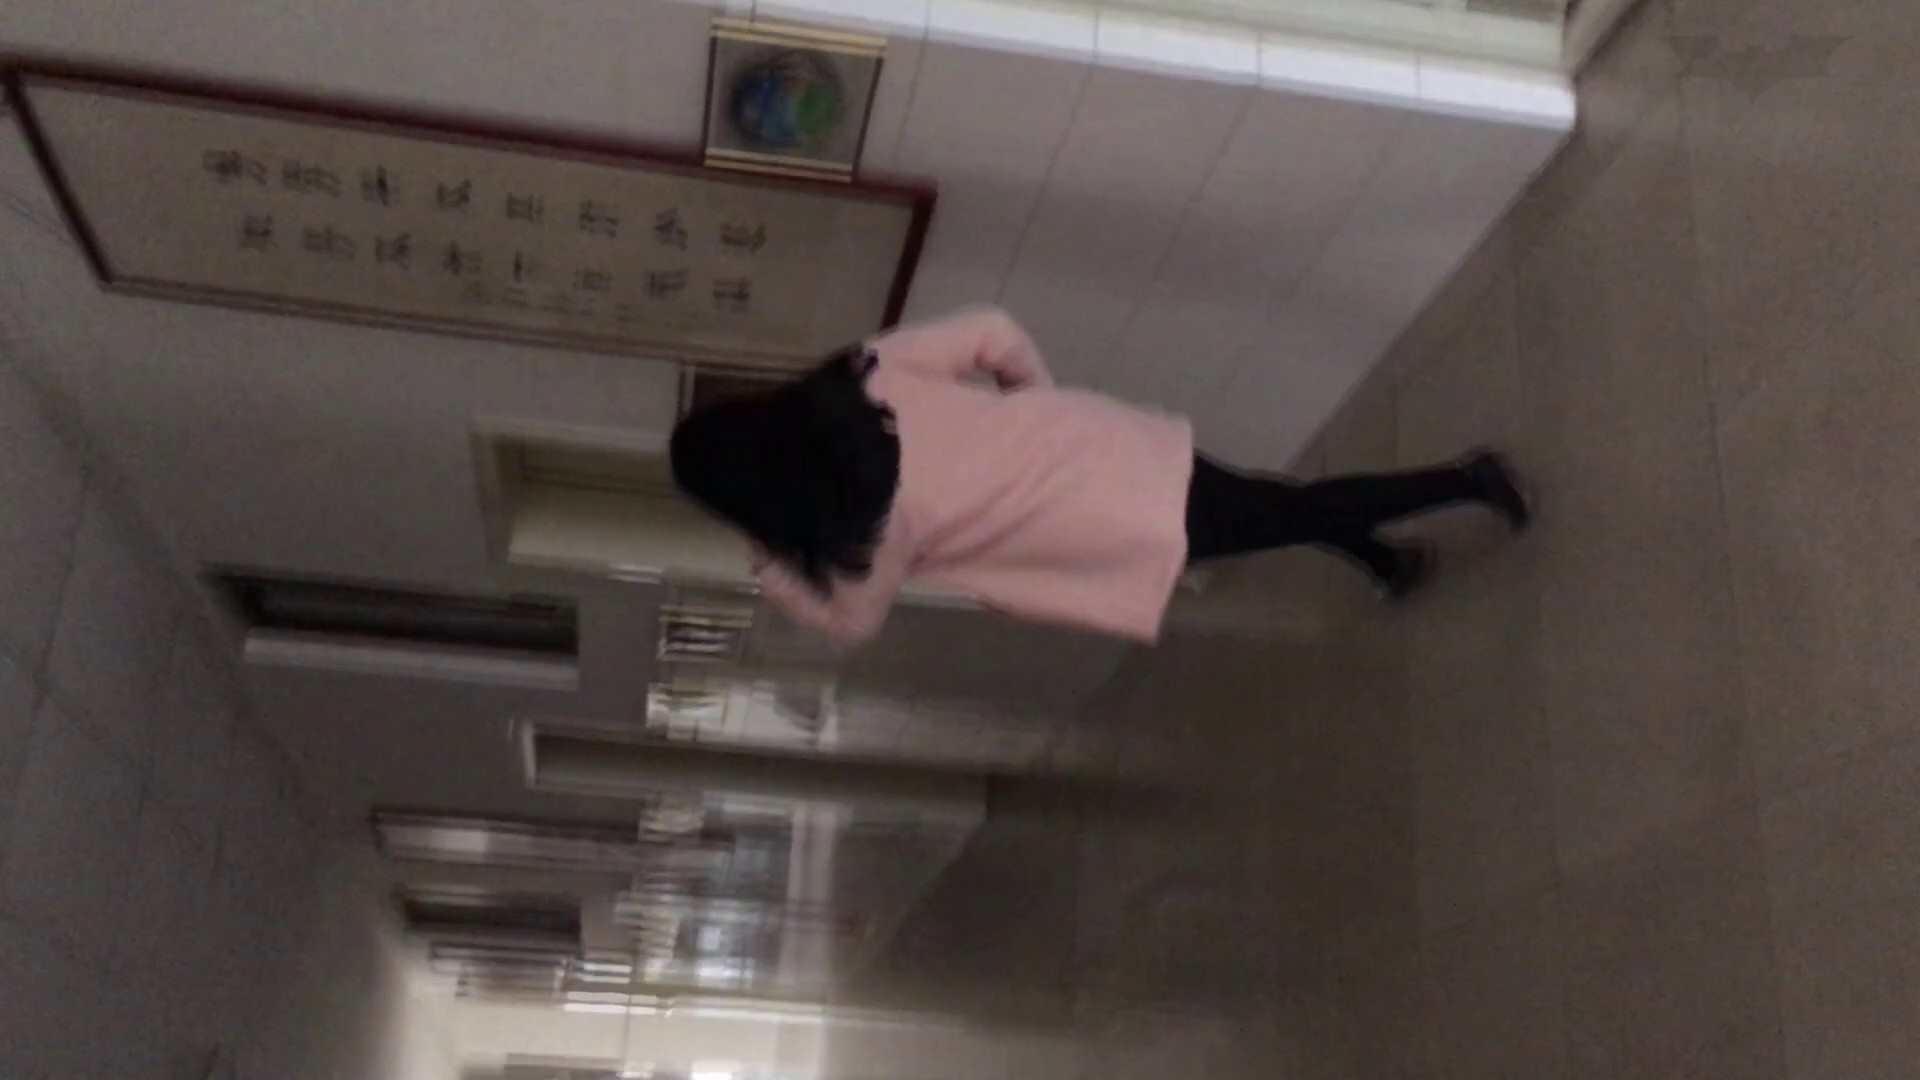 芸術大学ガチ潜入盗撮 JD盗撮 美女の洗面所の秘密 Vol.80 トイレ中 | 洗面所着替え  64連発 12